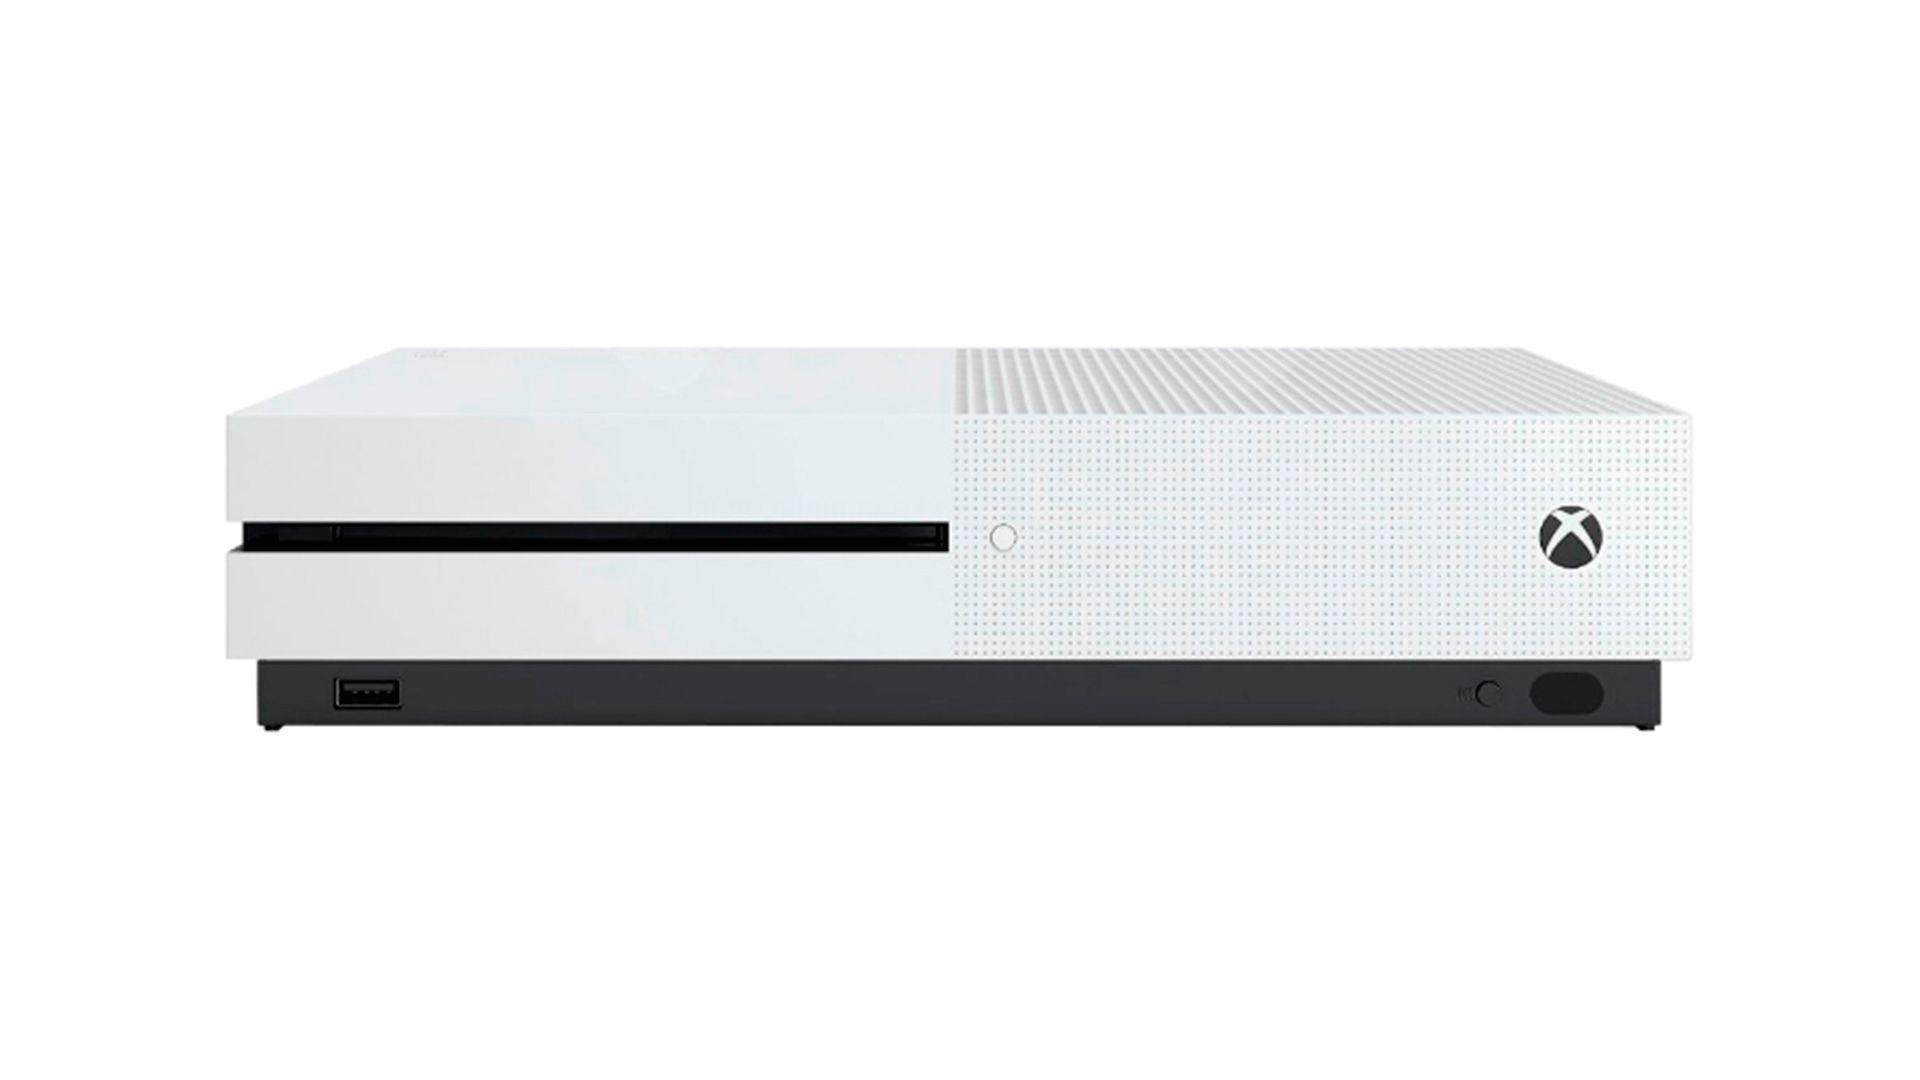 Xbox One S 500Gb 2 джойстика изображение 0